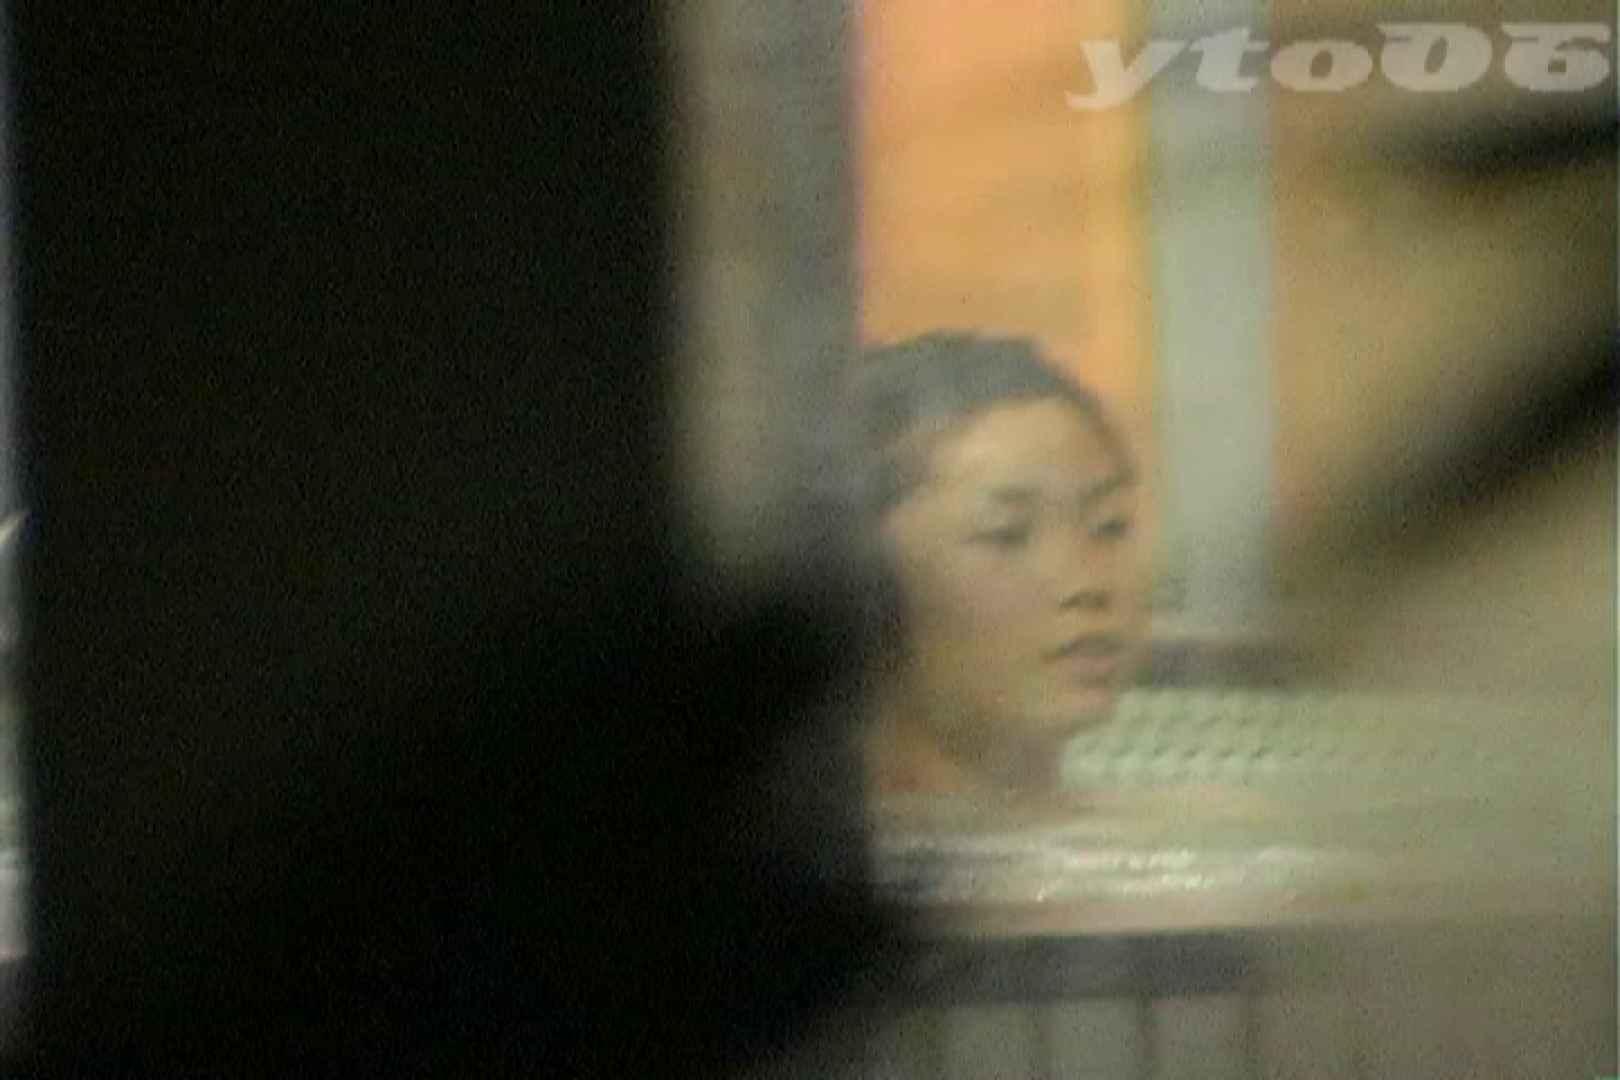 ▲復活限定▲合宿ホテル女風呂盗撮 Vol.36 ホテル | 合宿  81連発 19